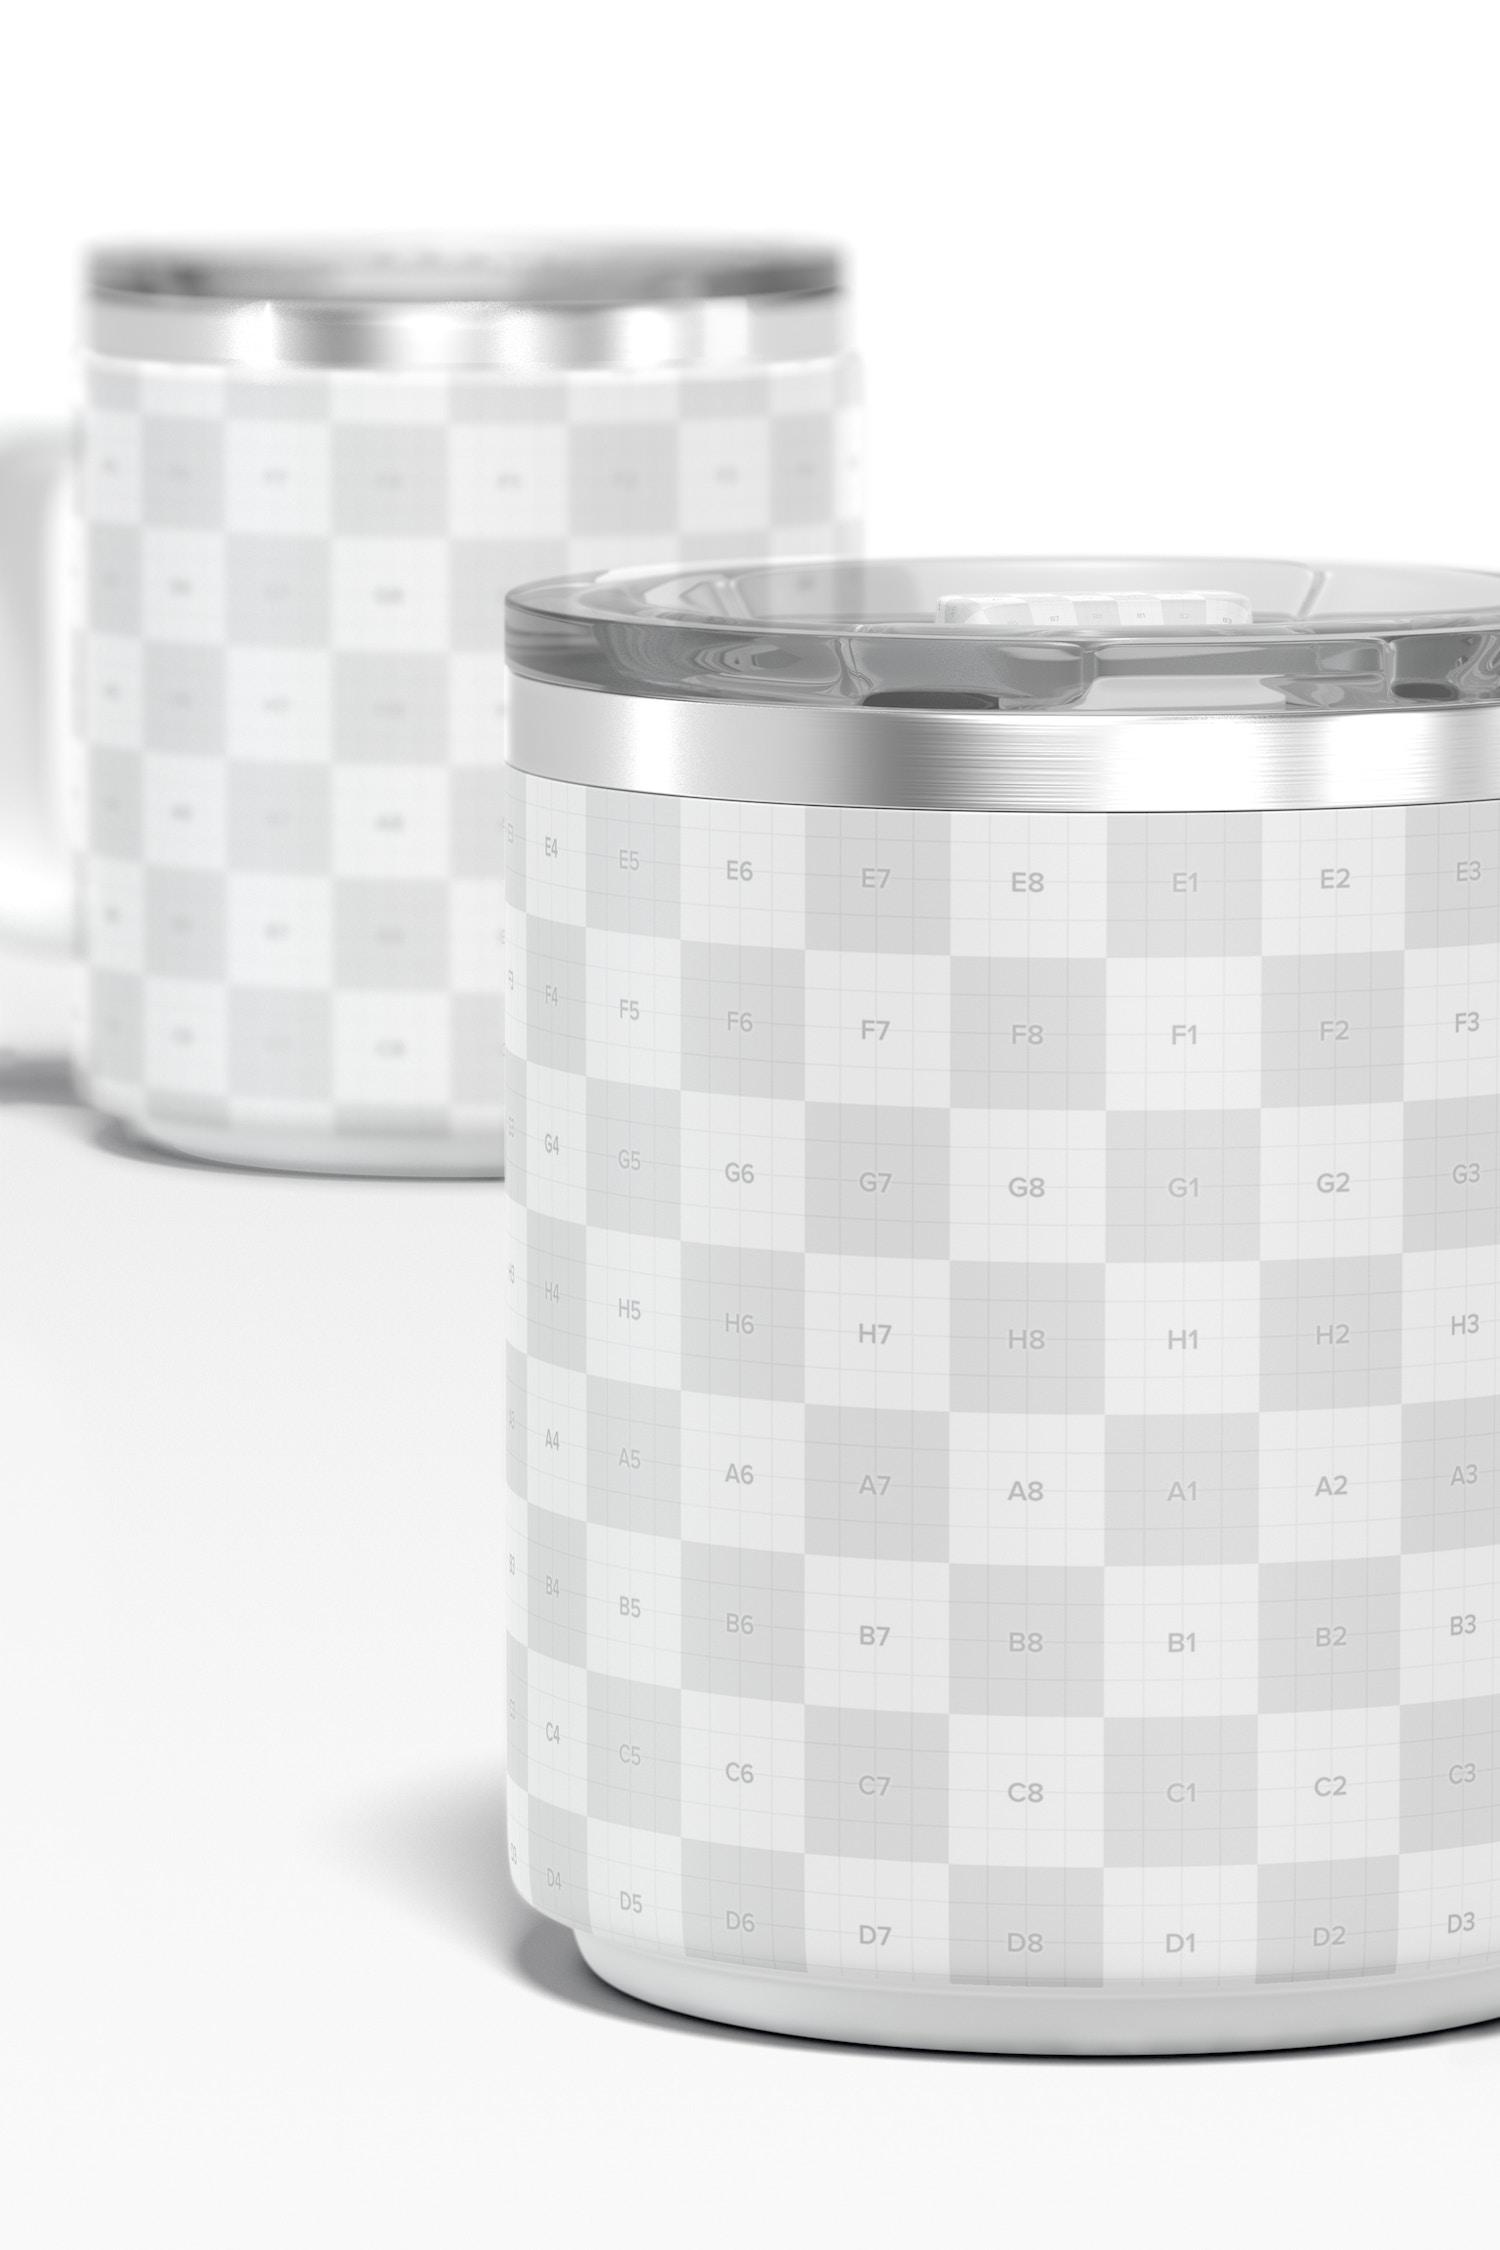 10 oz Stackable Mug Mockup, Close Up